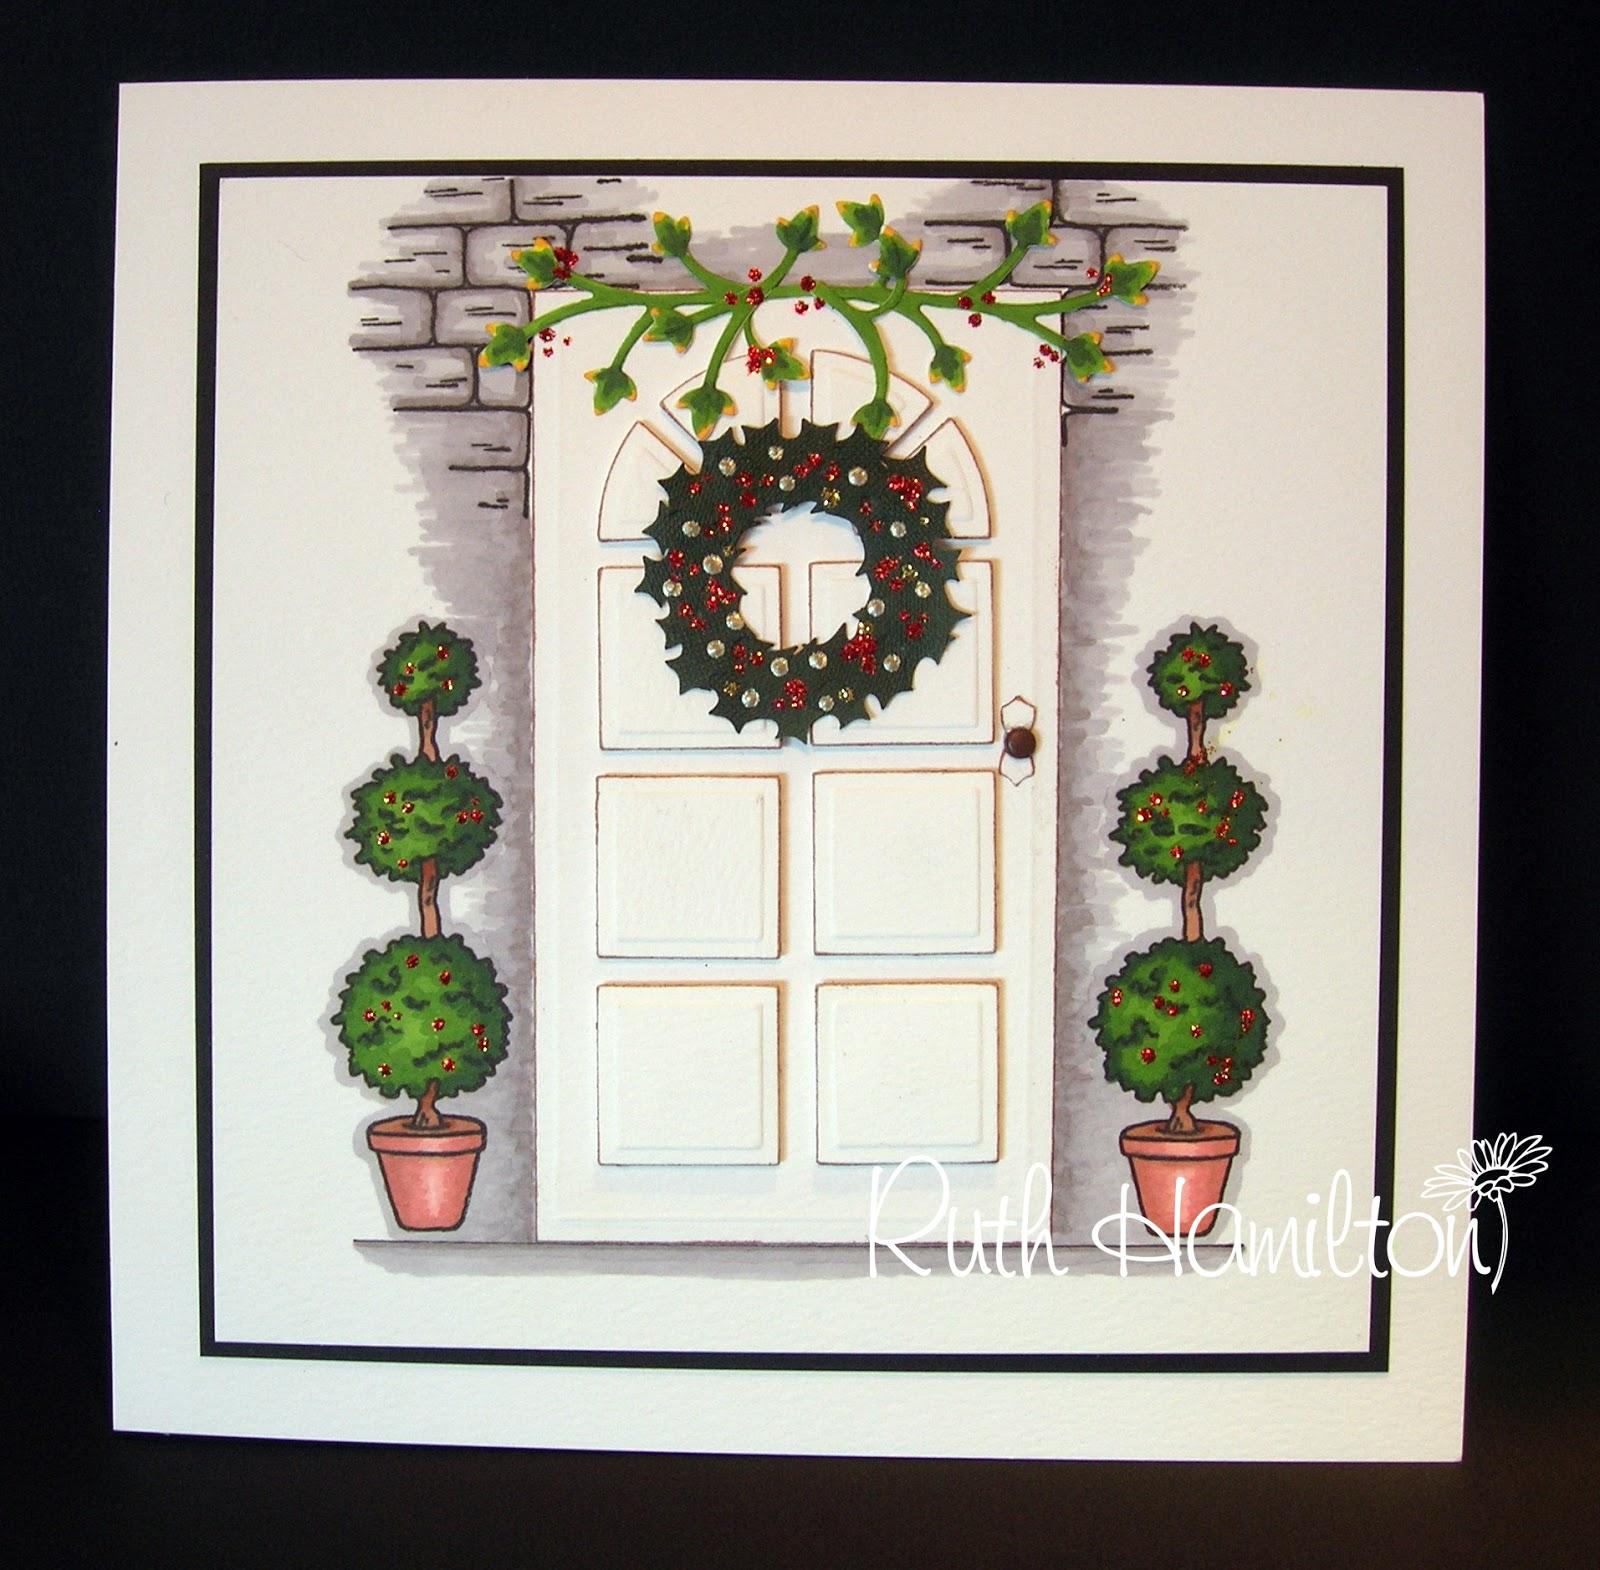 Die Cut Christmas Cards